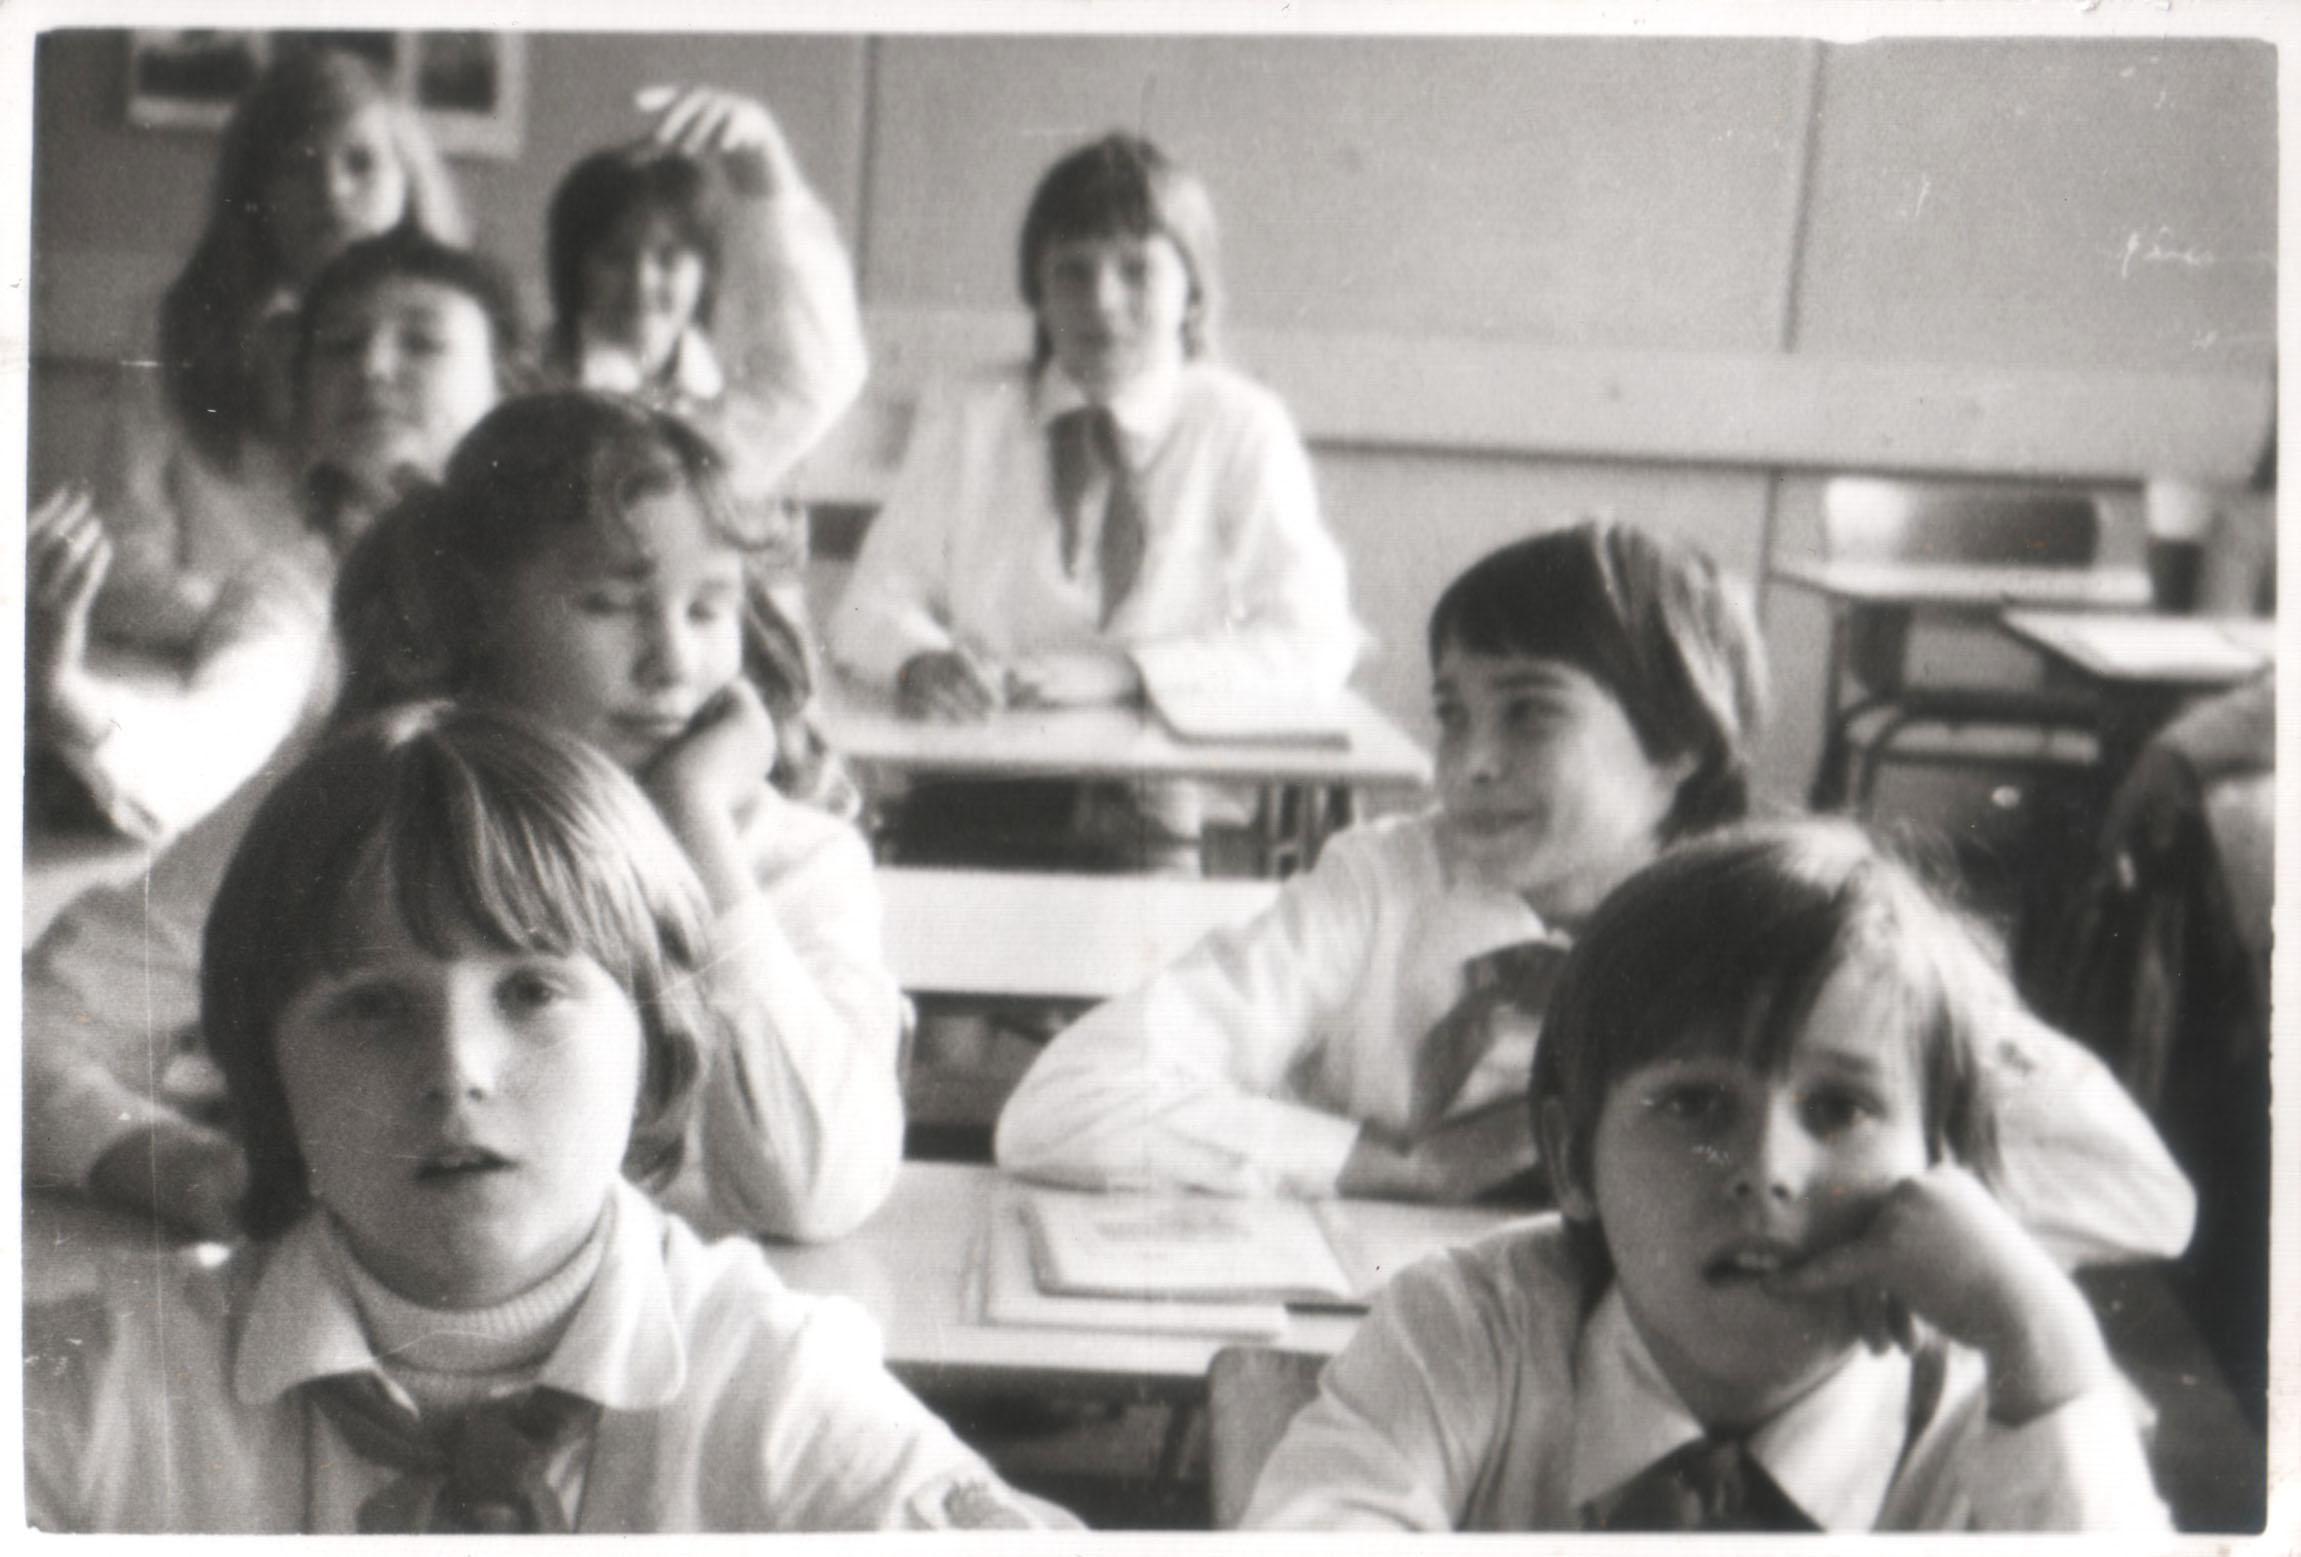 Zeugnissausgabe1980